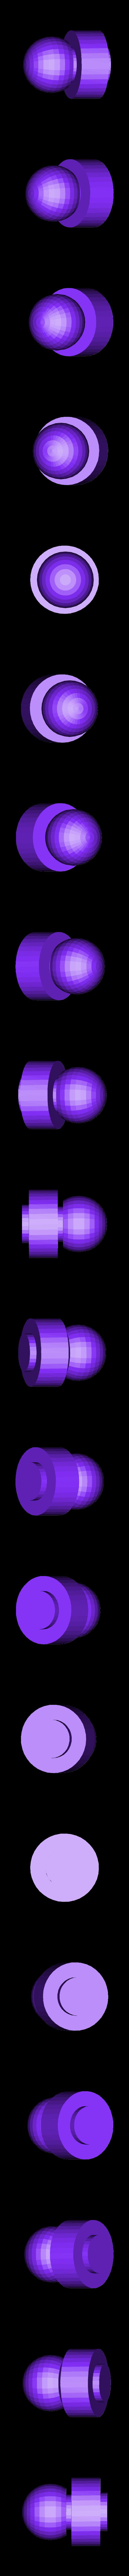 hipjoint_mirror.stl Download free STL file Mars Wardog Titan • 3D printer template, jimsbeanz